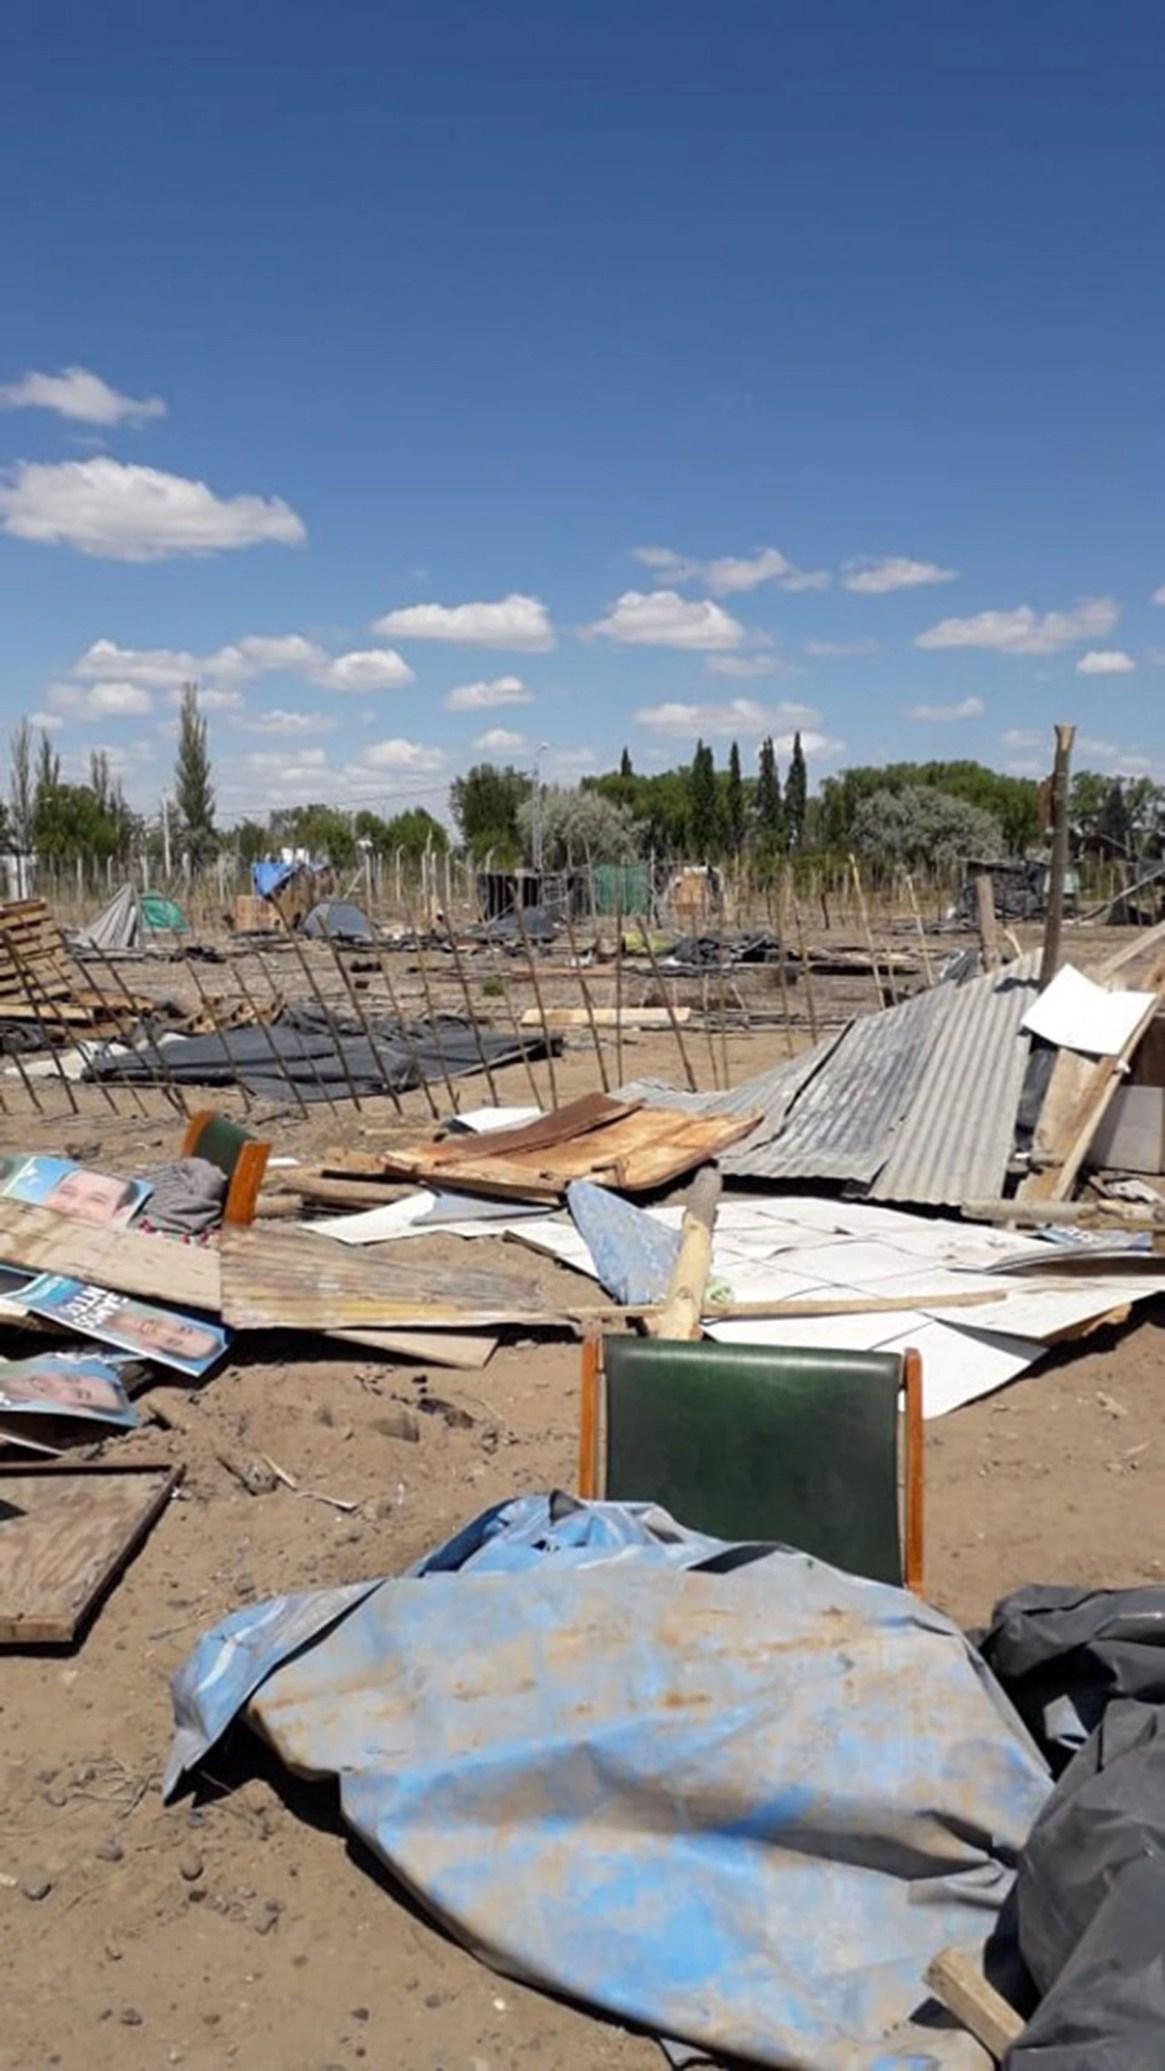 Así quedaron algunas de las precarias viviendas después del violento desalojo